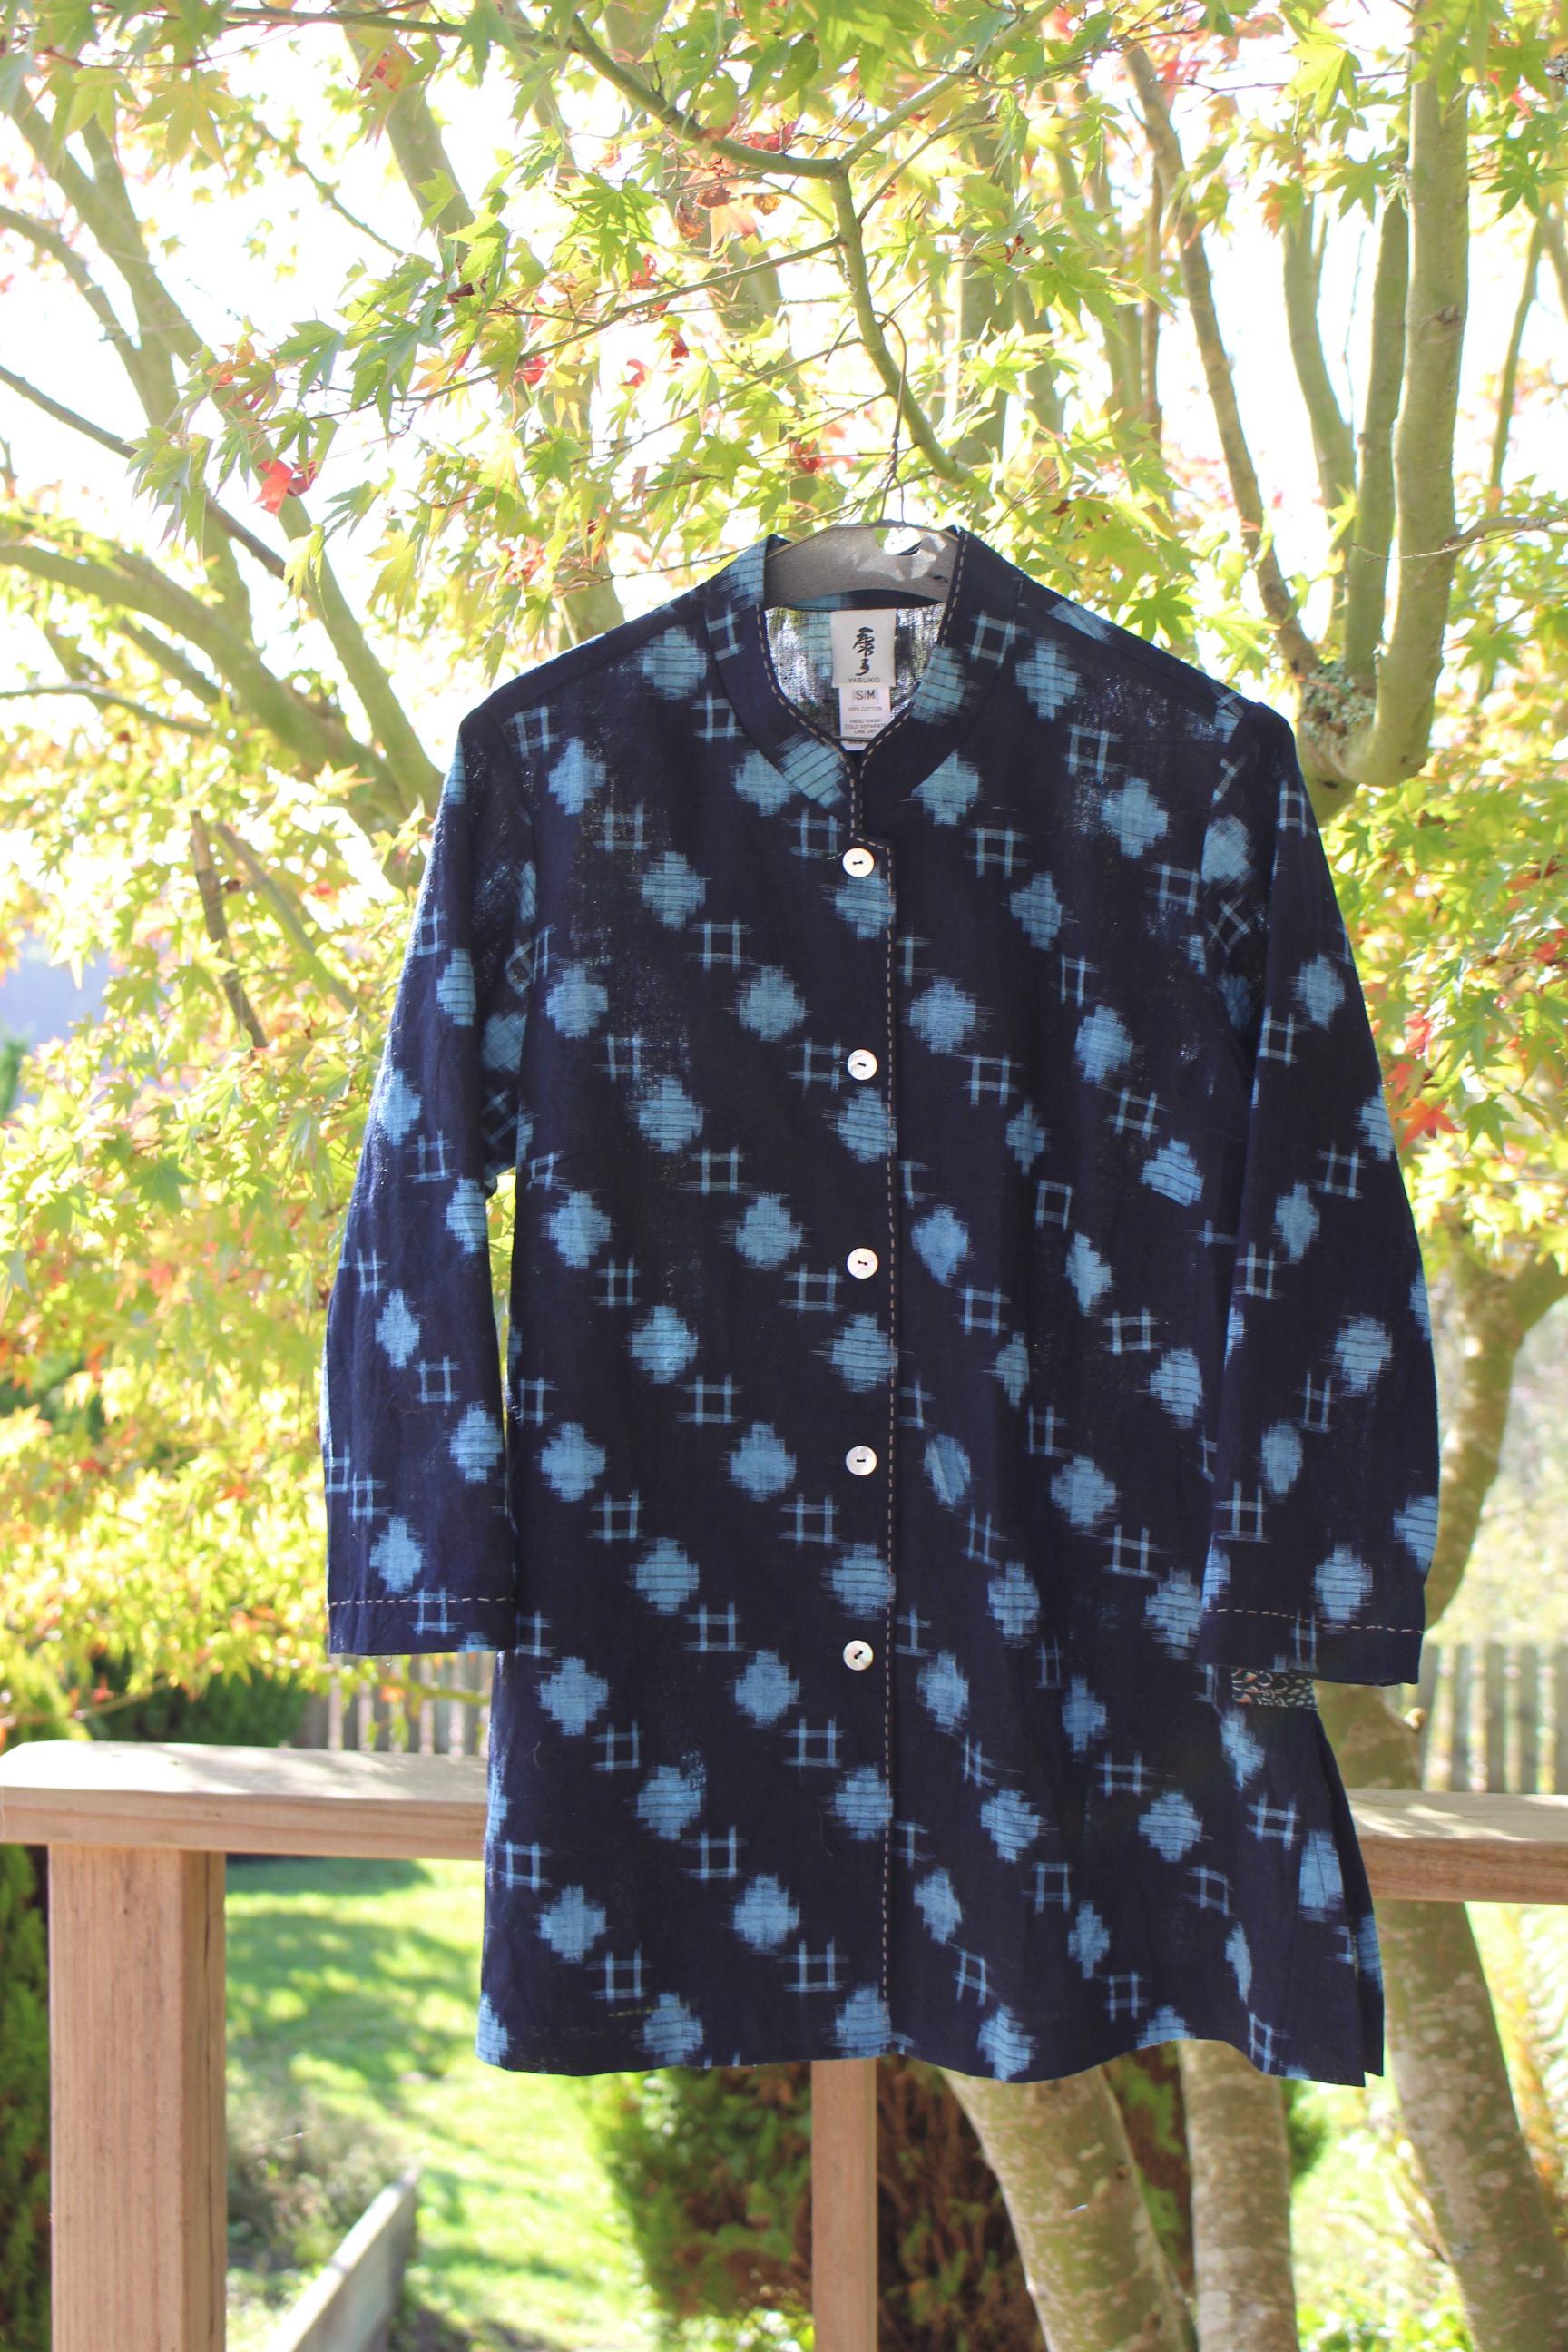 Mao Collar Blouse - Vintage aizome cotton kasuri with sashiko stitch